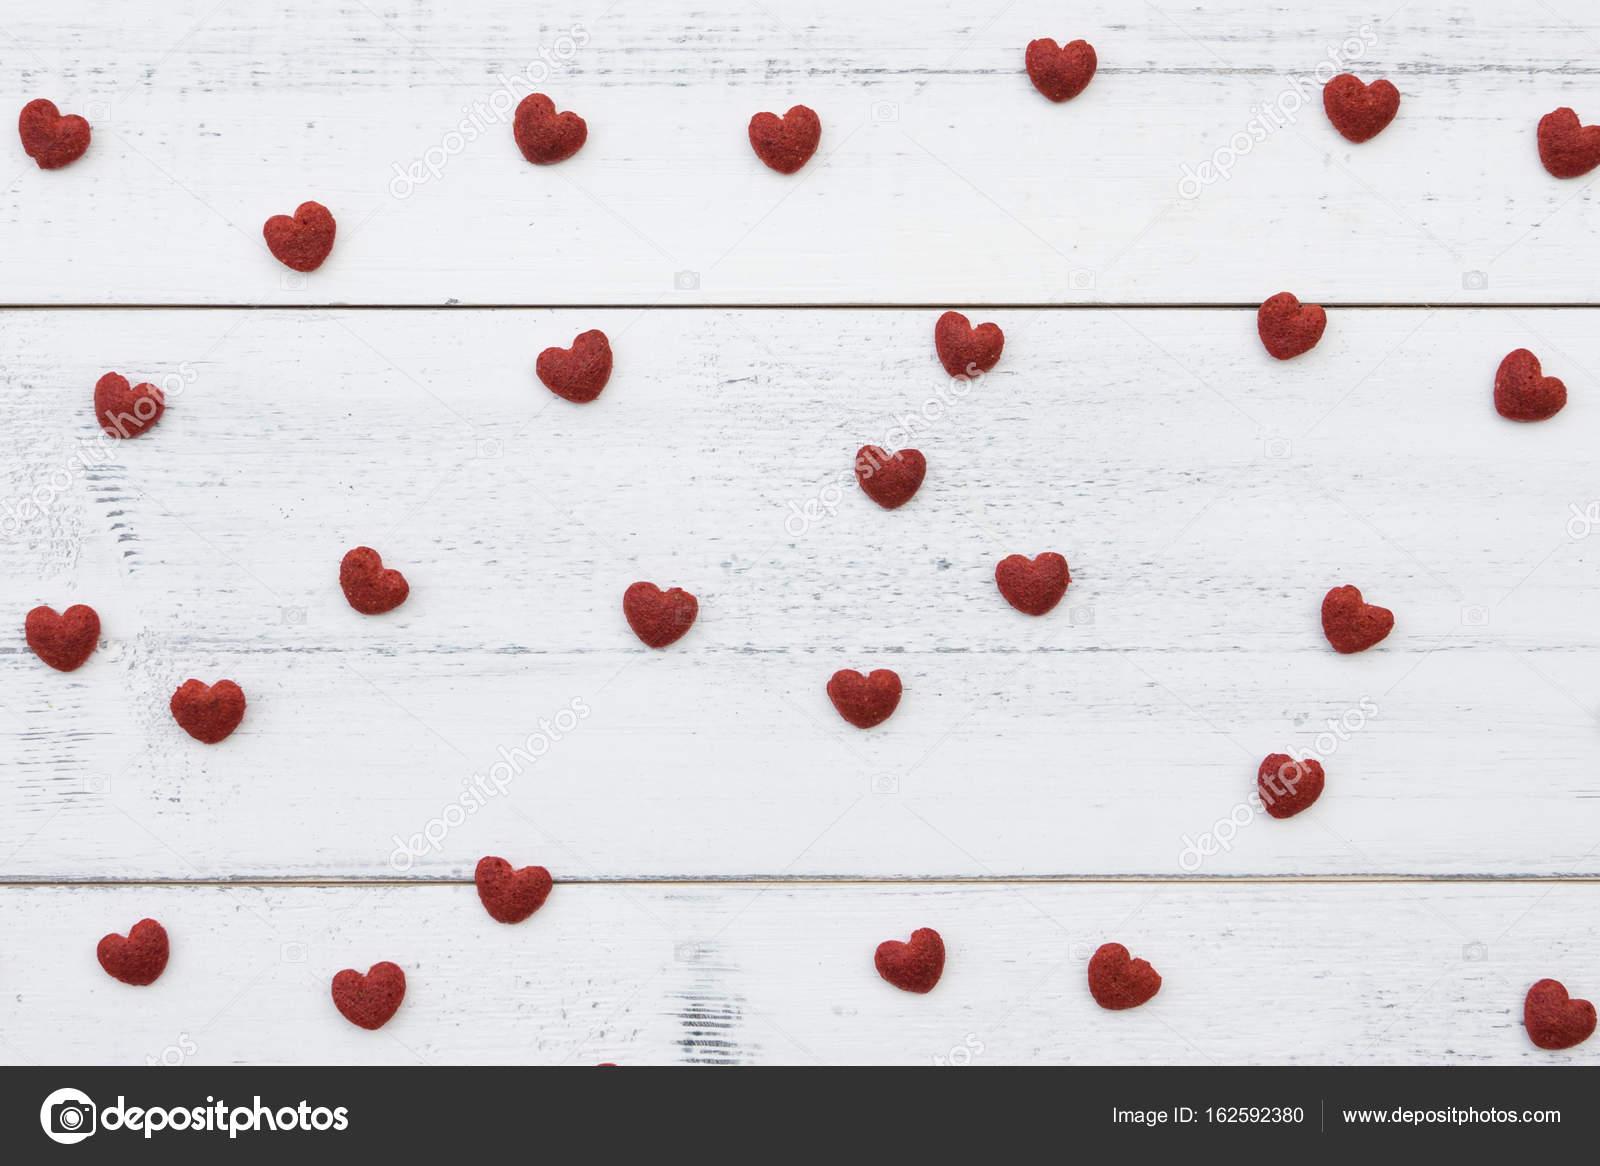 Beyaz Ahşap Zemin üzerinde Kırmızı Küçük Kalpler Stok Foto